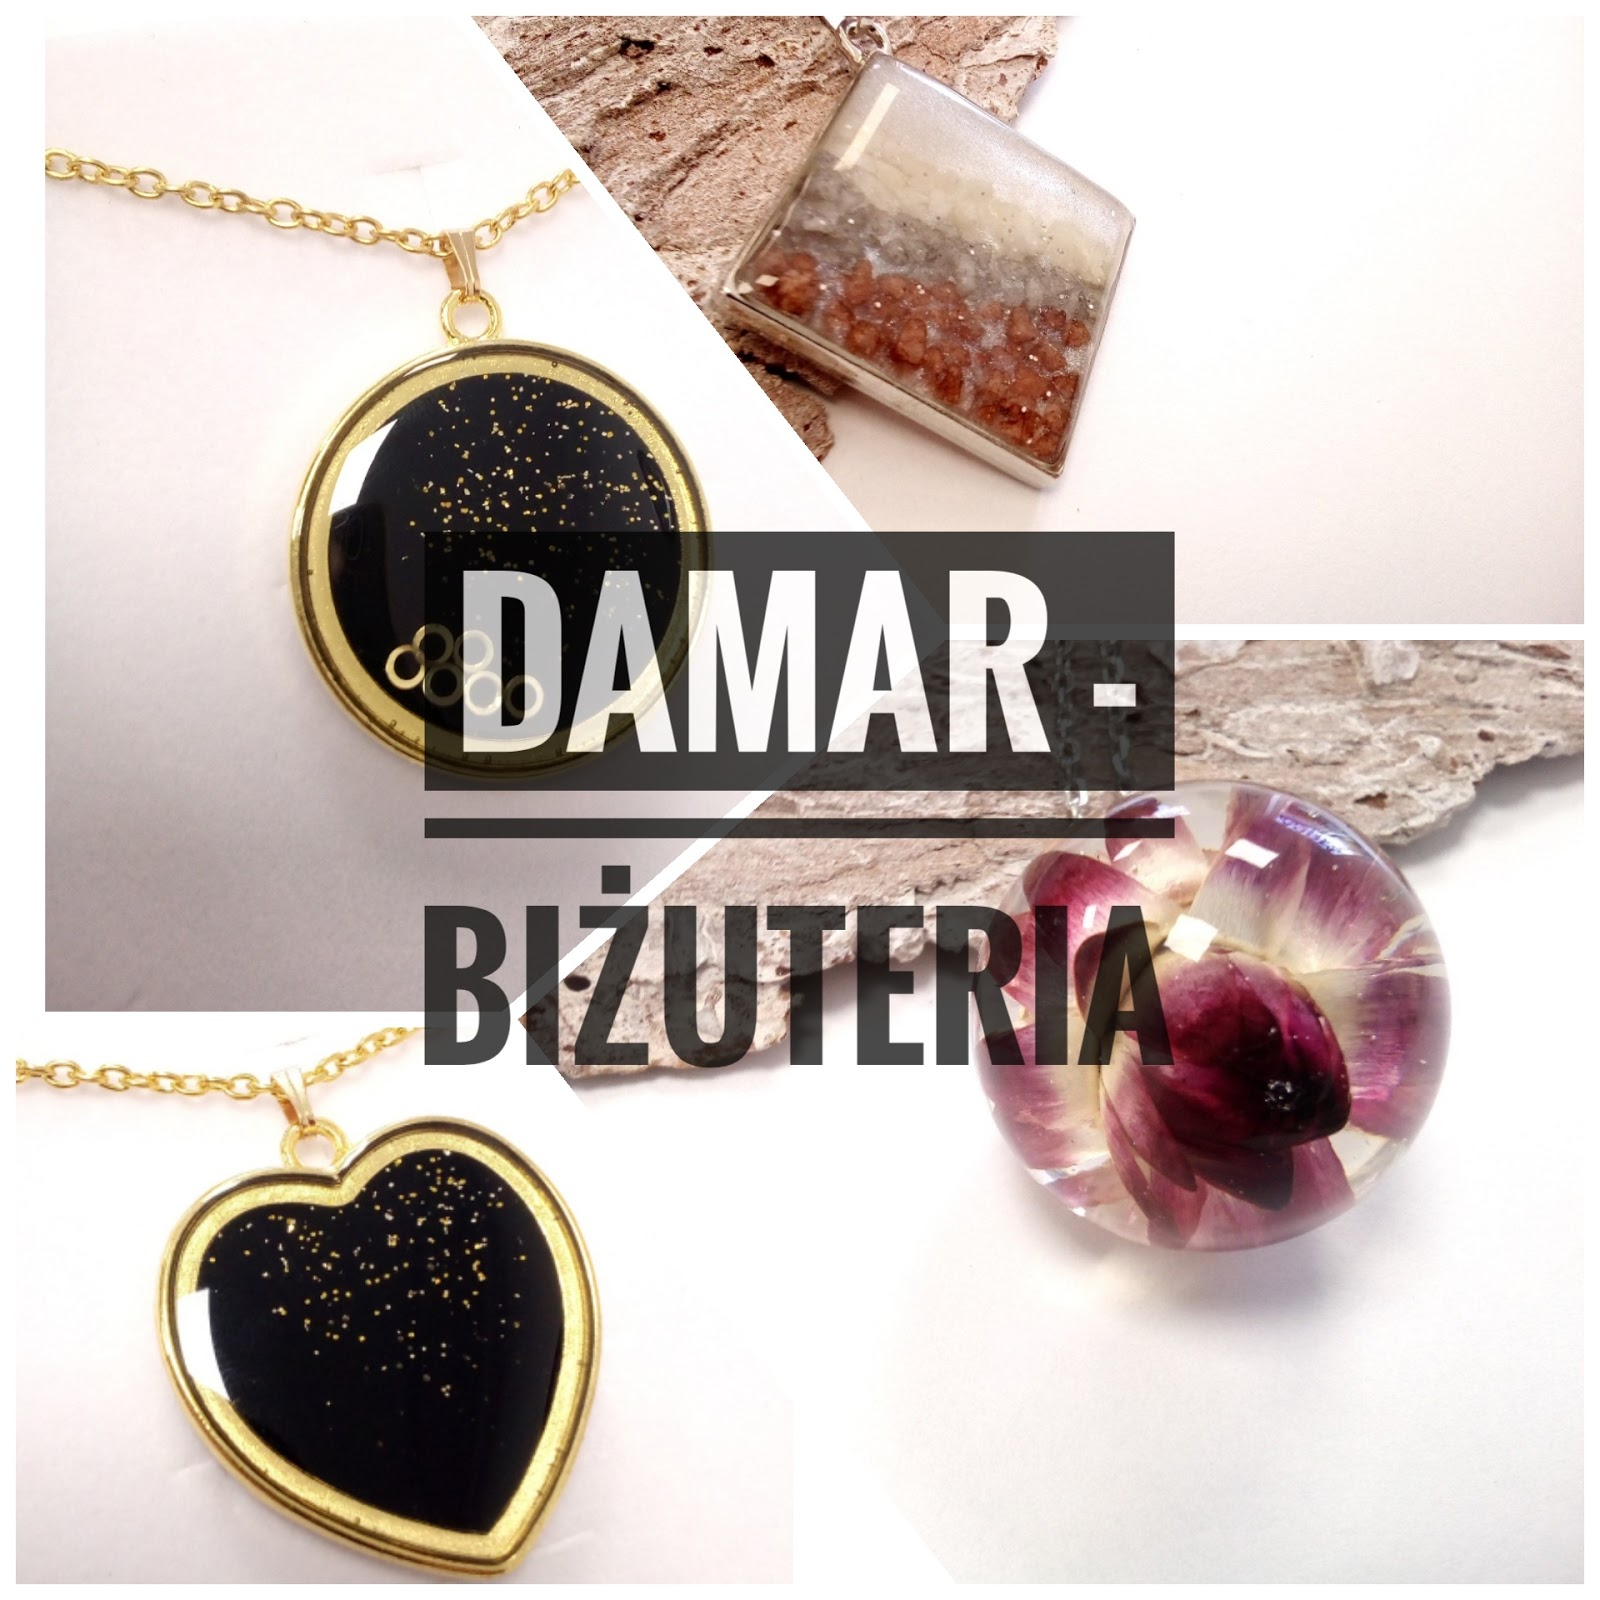 Damar - biżuteria z żywicy - fajny pomysł na prezent